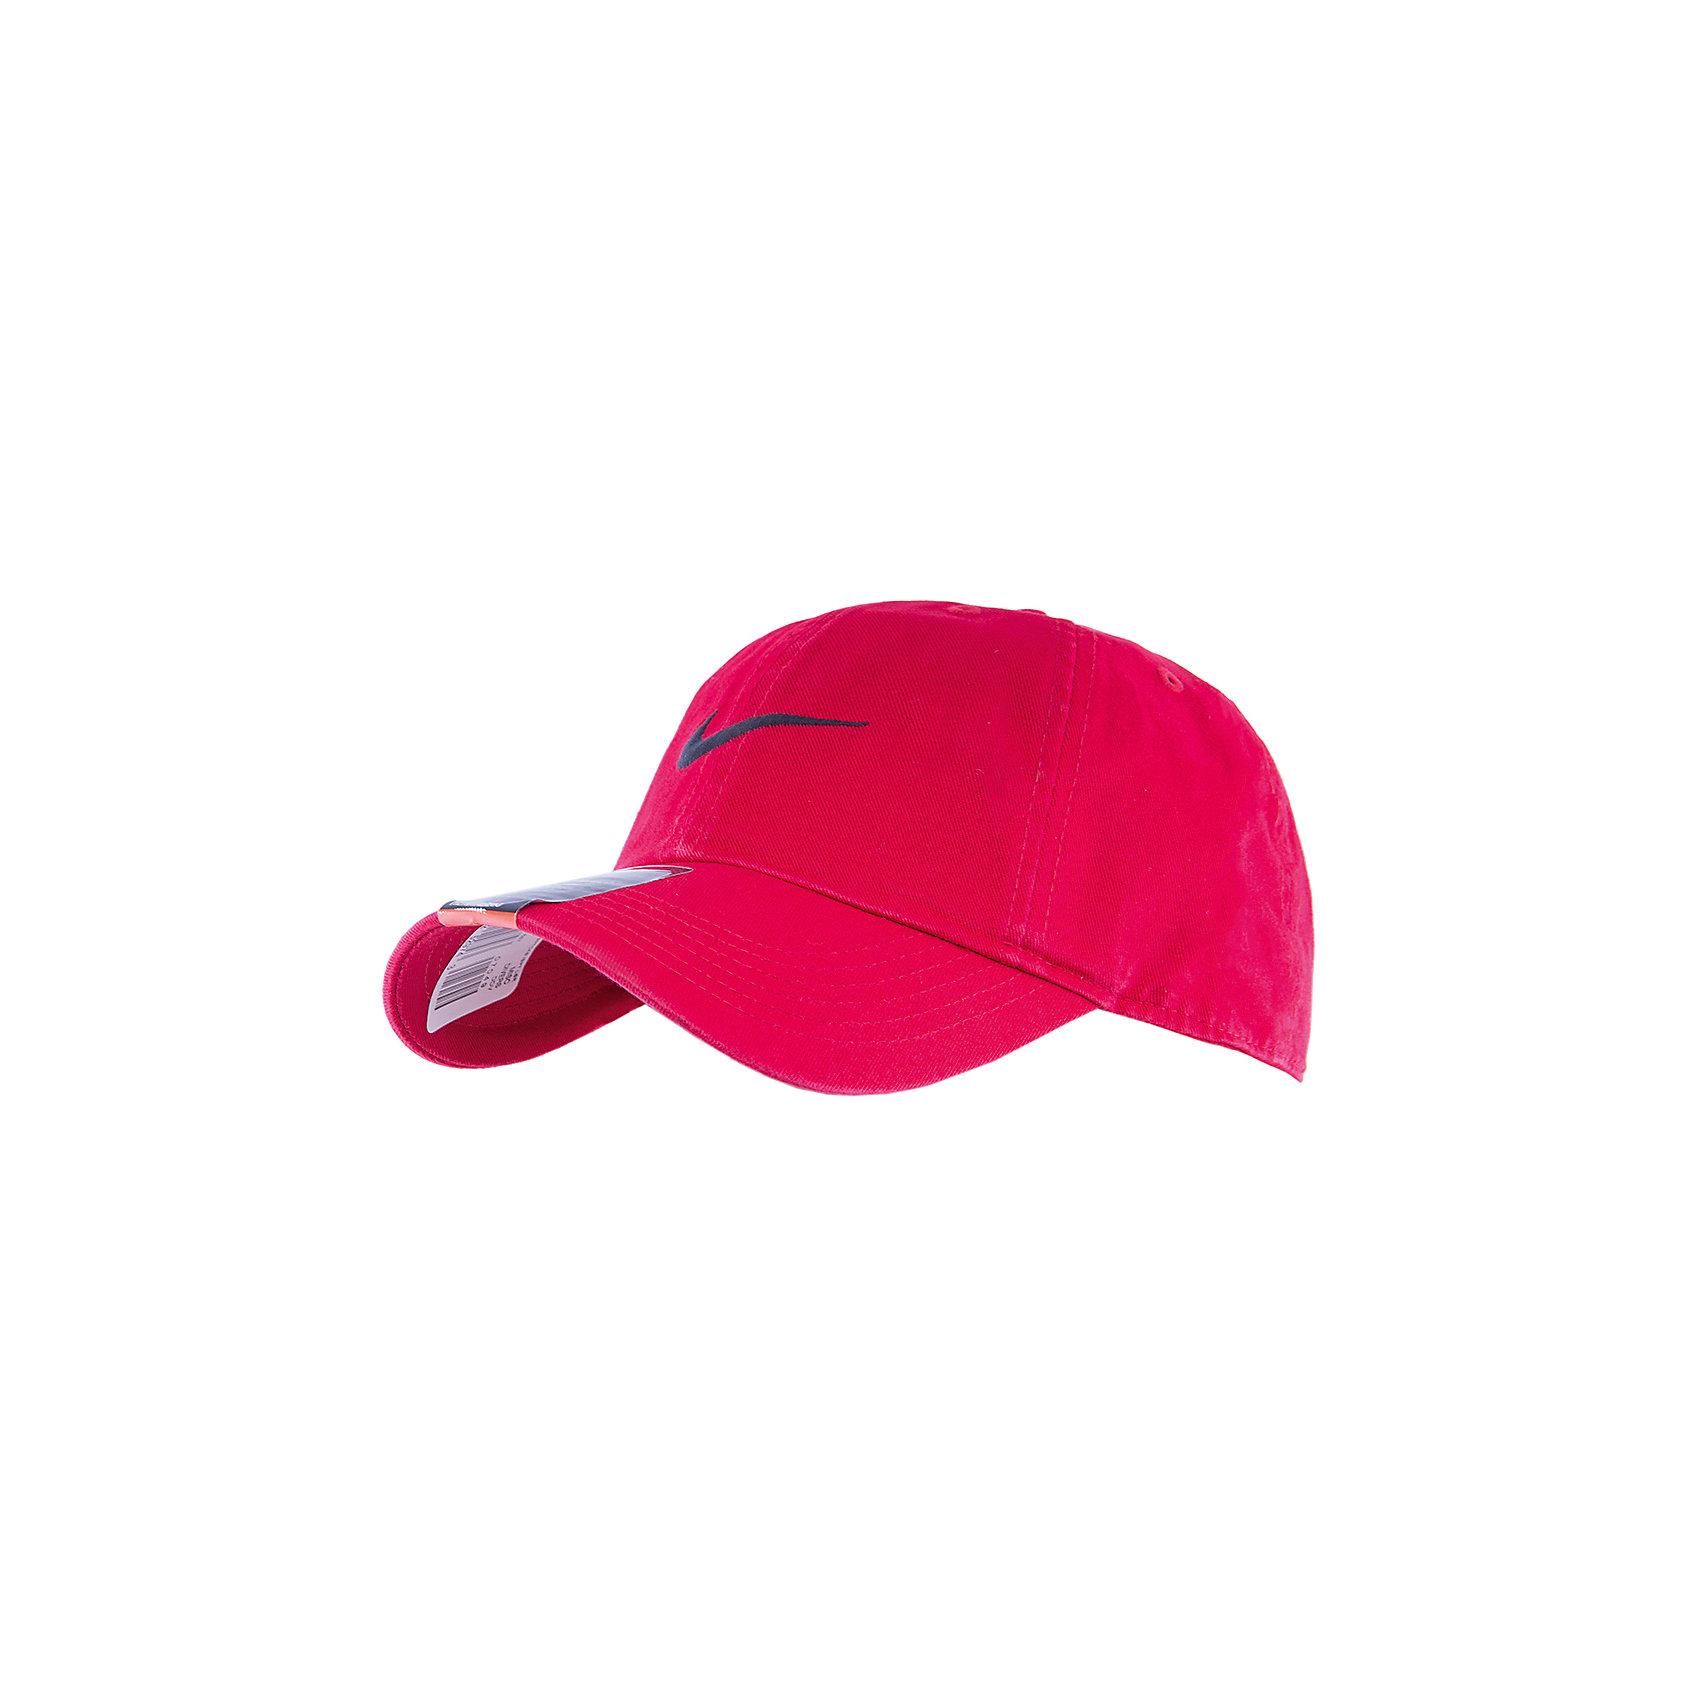 Кепка  NEW SWOOSH HERITAGE CAP YTH NIKEСпортивная форма<br>Стильная пятипанельная кепка  NEW SWOOSH HERITAGE CAP YTH от популярного бренда NIKE с вышитой эмблемой Найк и регулируемой застежкой сзади для индивидуальной посадки. Вышитые отверстия Для вентиляции на кепке имеются отверстия.<br><br>Дополнительная информация:<br><br>- Состав: хлопок 100%<br><br>Кепку  NEW SWOOSH HERITAGE CAP YTH NIKE (Найк) можно купить в нашем магазине.<br><br>Ширина мм: 89<br>Глубина мм: 117<br>Высота мм: 44<br>Вес г: 155<br>Цвет: красный<br>Возраст от месяцев: 120<br>Возраст до месяцев: 1188<br>Пол: Унисекс<br>Возраст: Детский<br>Размер: one size<br>SKU: 3996107